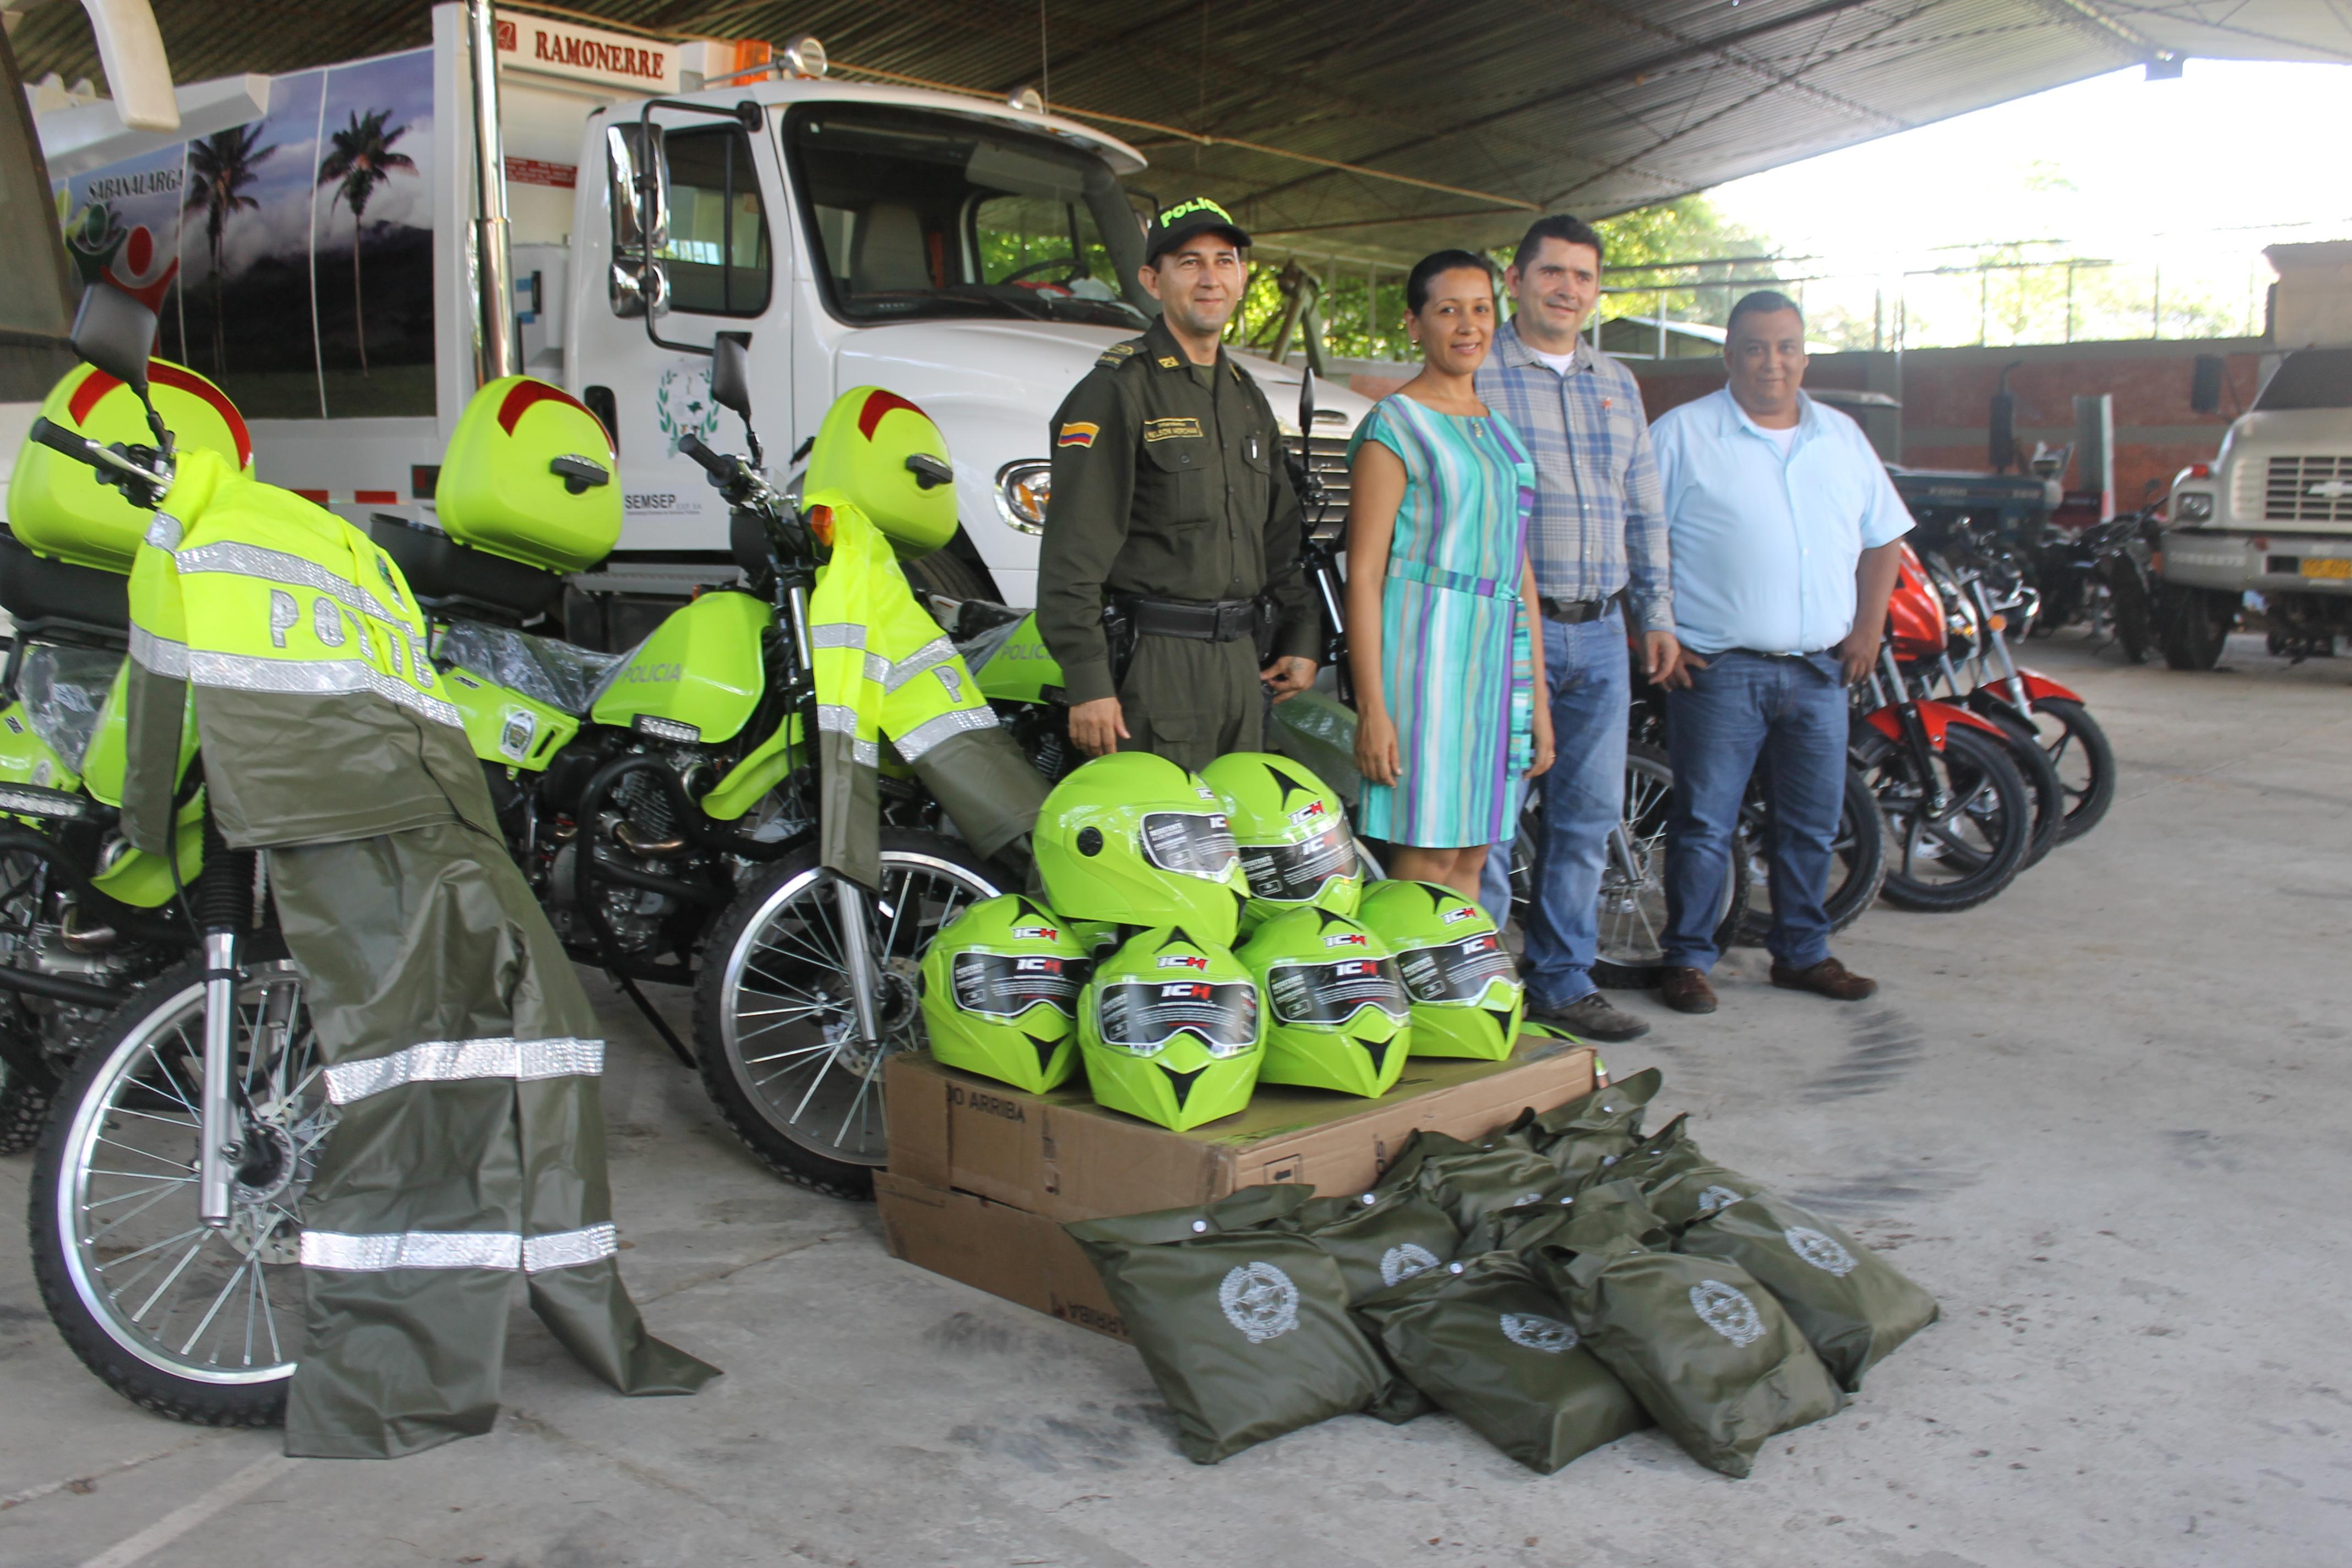 Nueve motocicletas fueron entregadas a fuerza pública en Sabanalarga